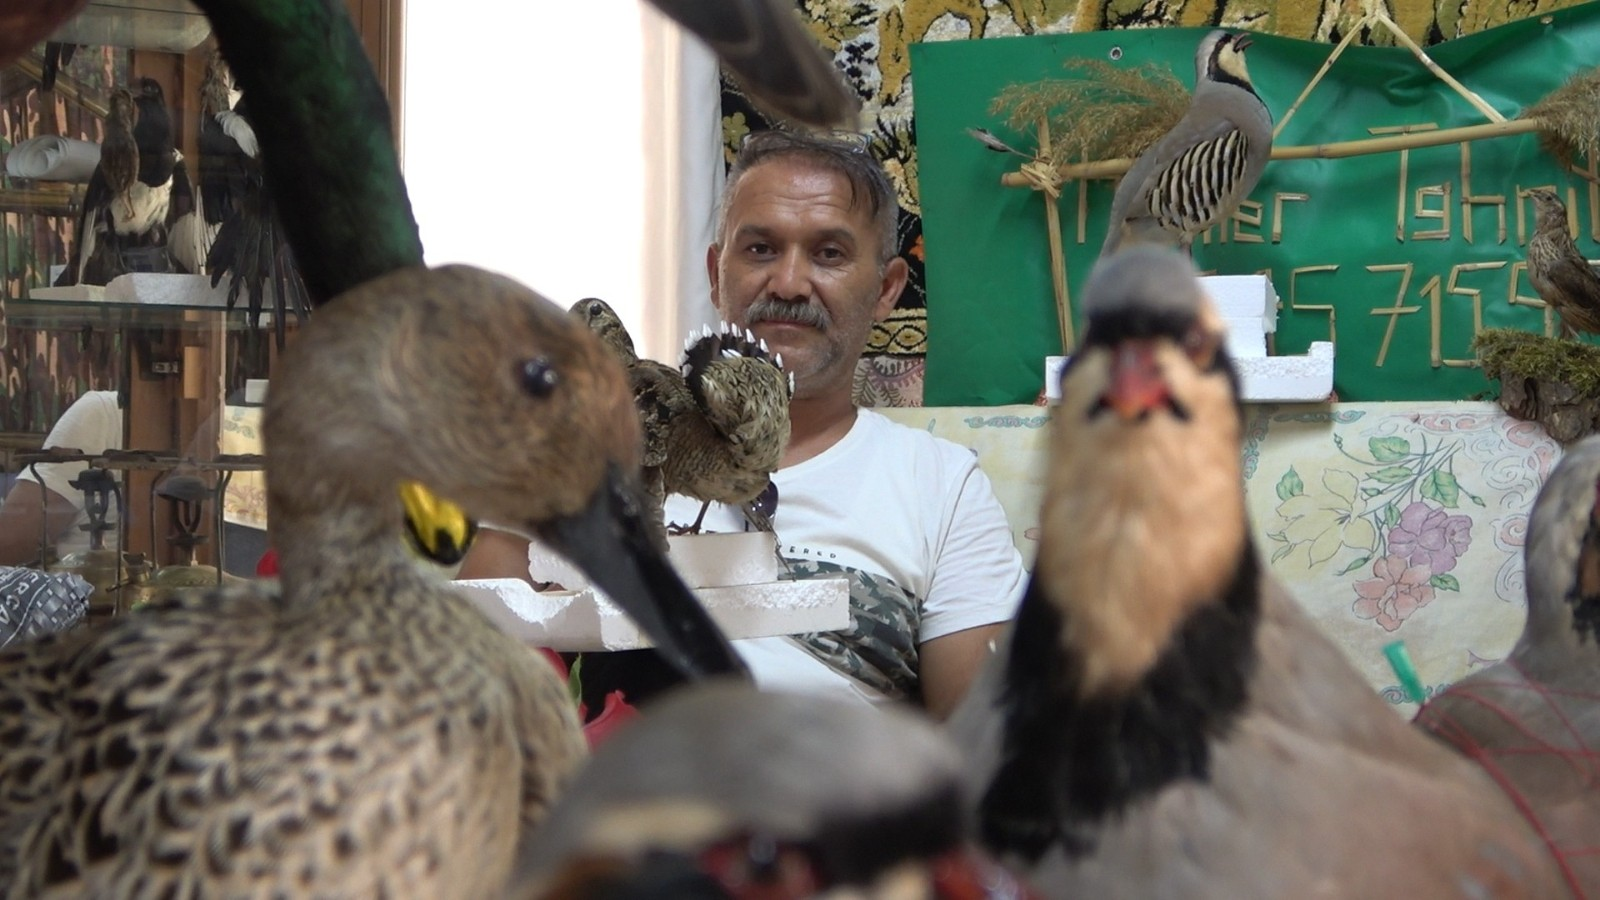 Tahnit ustası av köşkünde doldurduğu kanatlı hayvanları sergiliyor